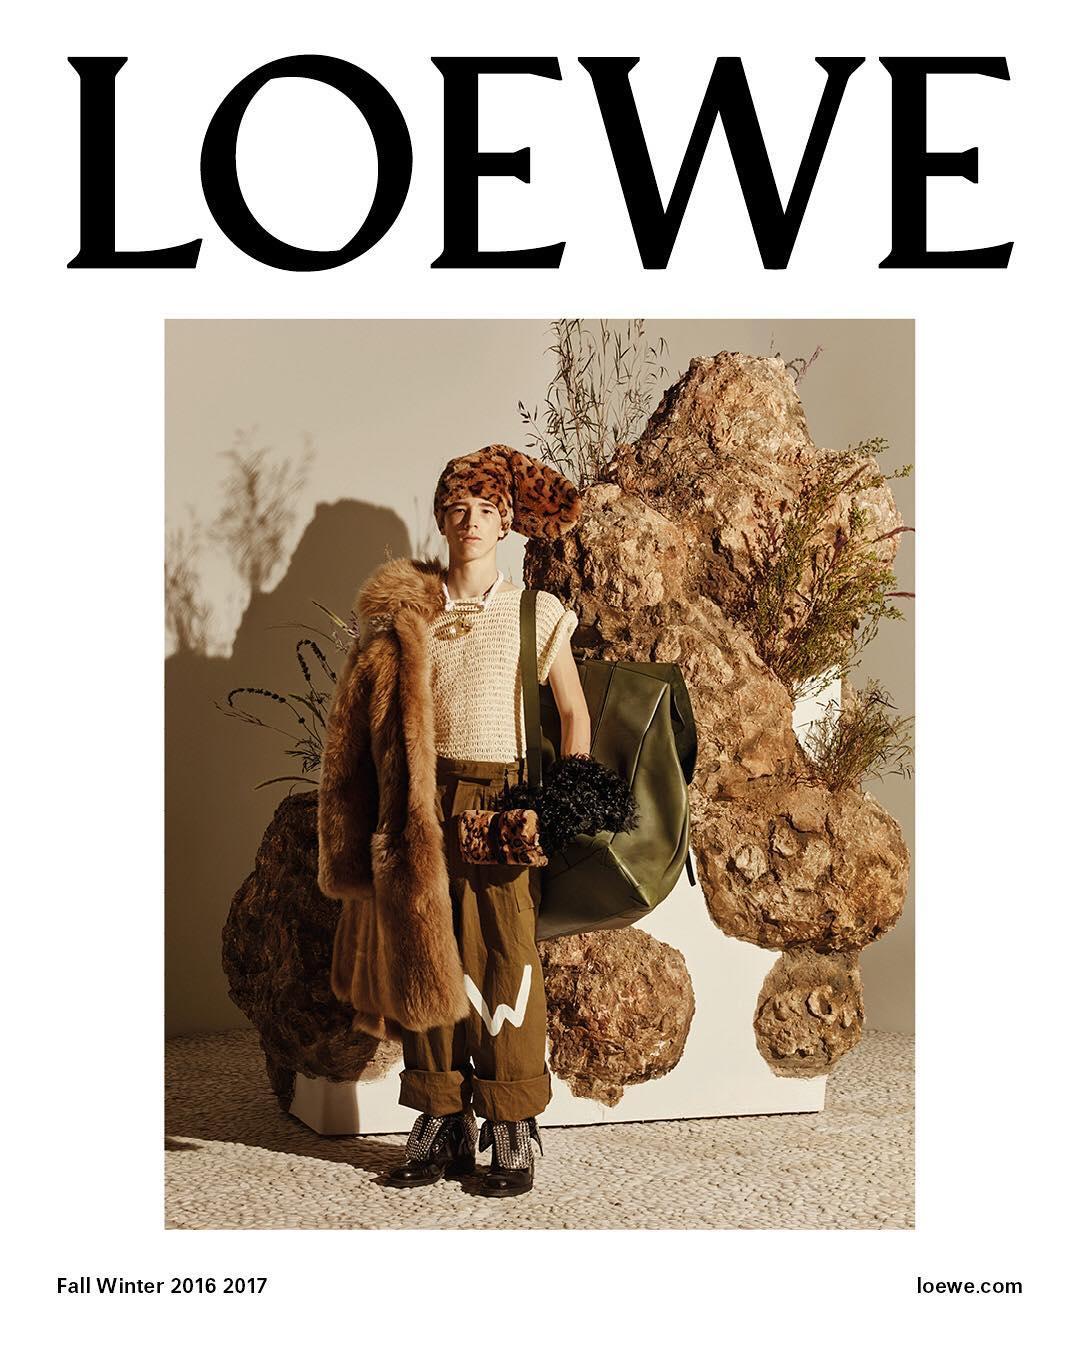 loewe-fw-16-17-campaign-steven-meisel-2